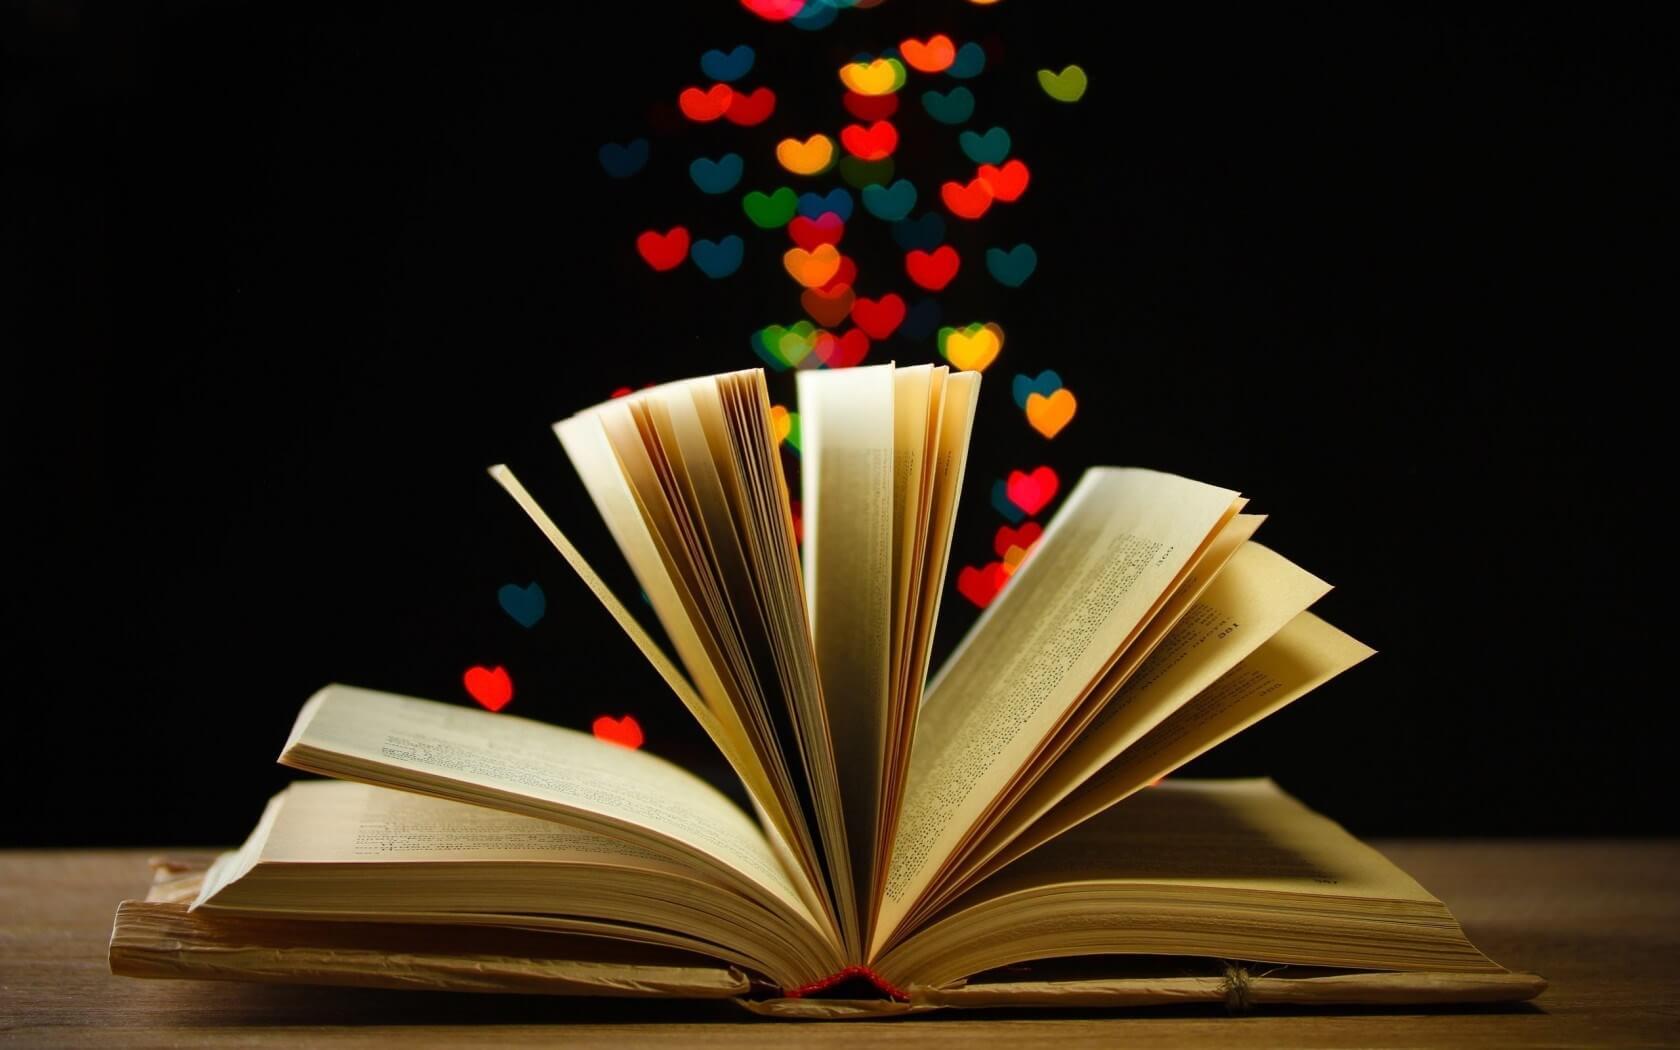 Dicas de livros para presentear no Dia dos Namorados